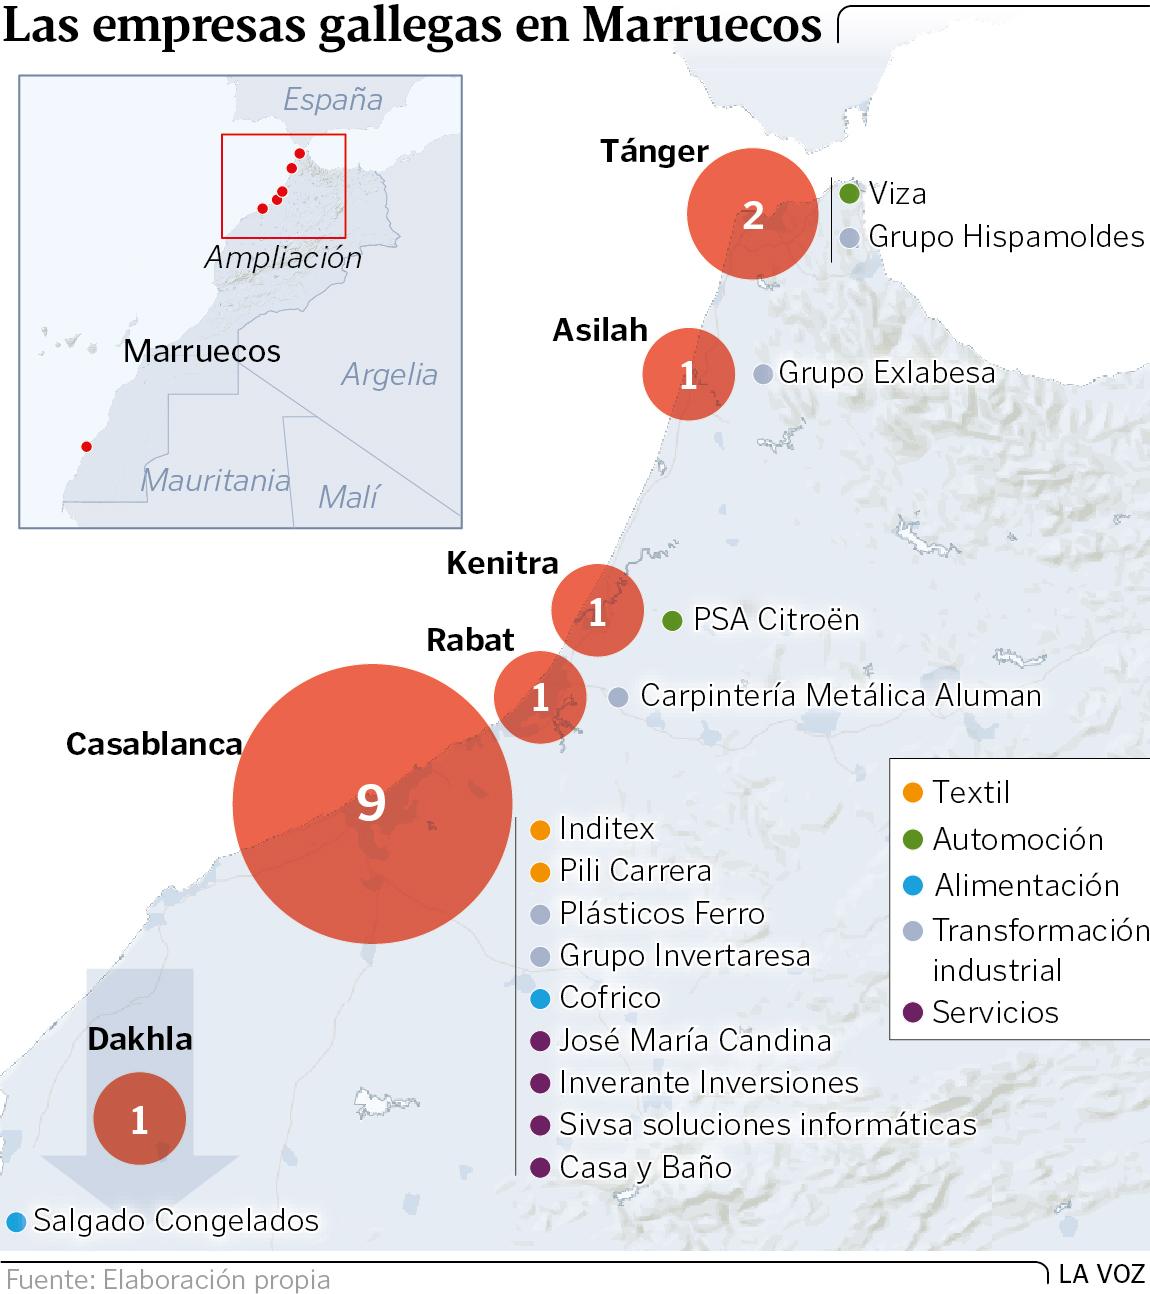 Galicia, economía. Dinámica imperialista del capitalismo, con todas sus contradicciones, incluso en zonas de menor dinamismo y desarrollo. Gd18p21g1